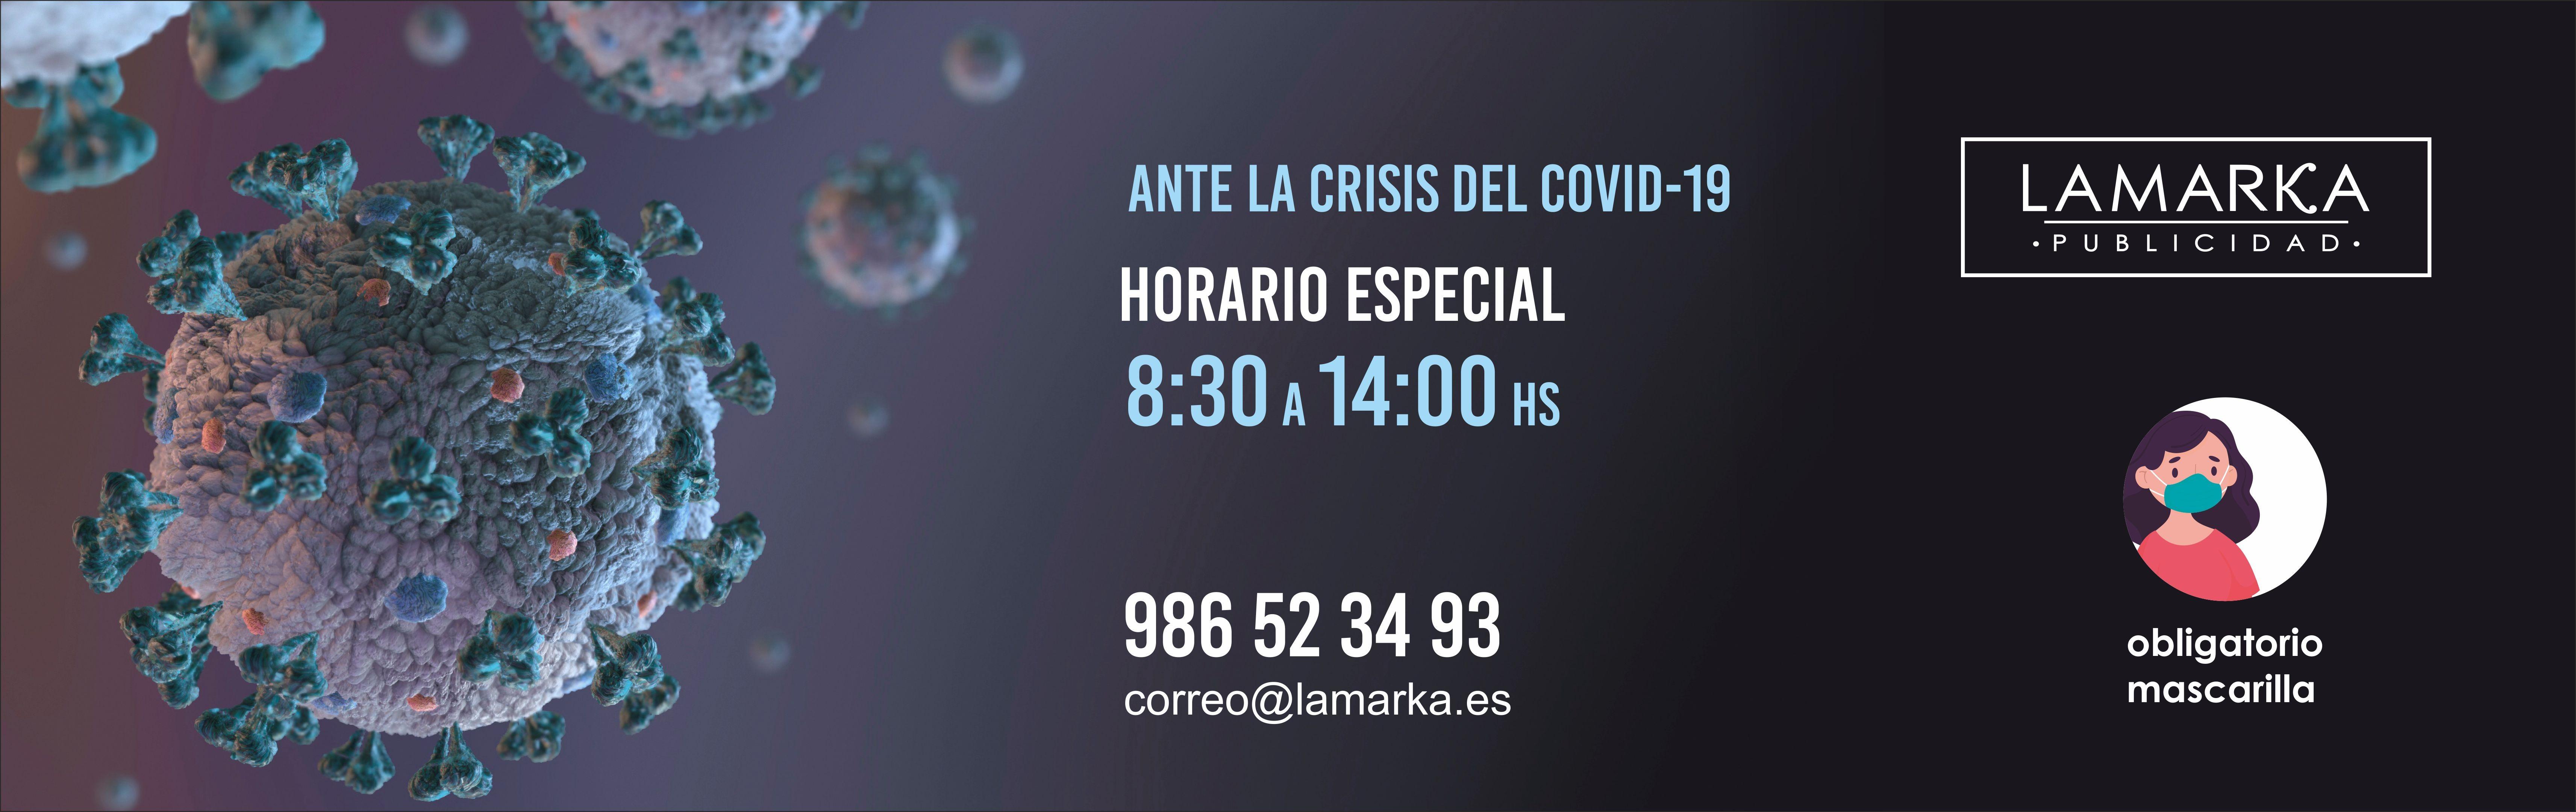 Horario Especial devido al Covid-19